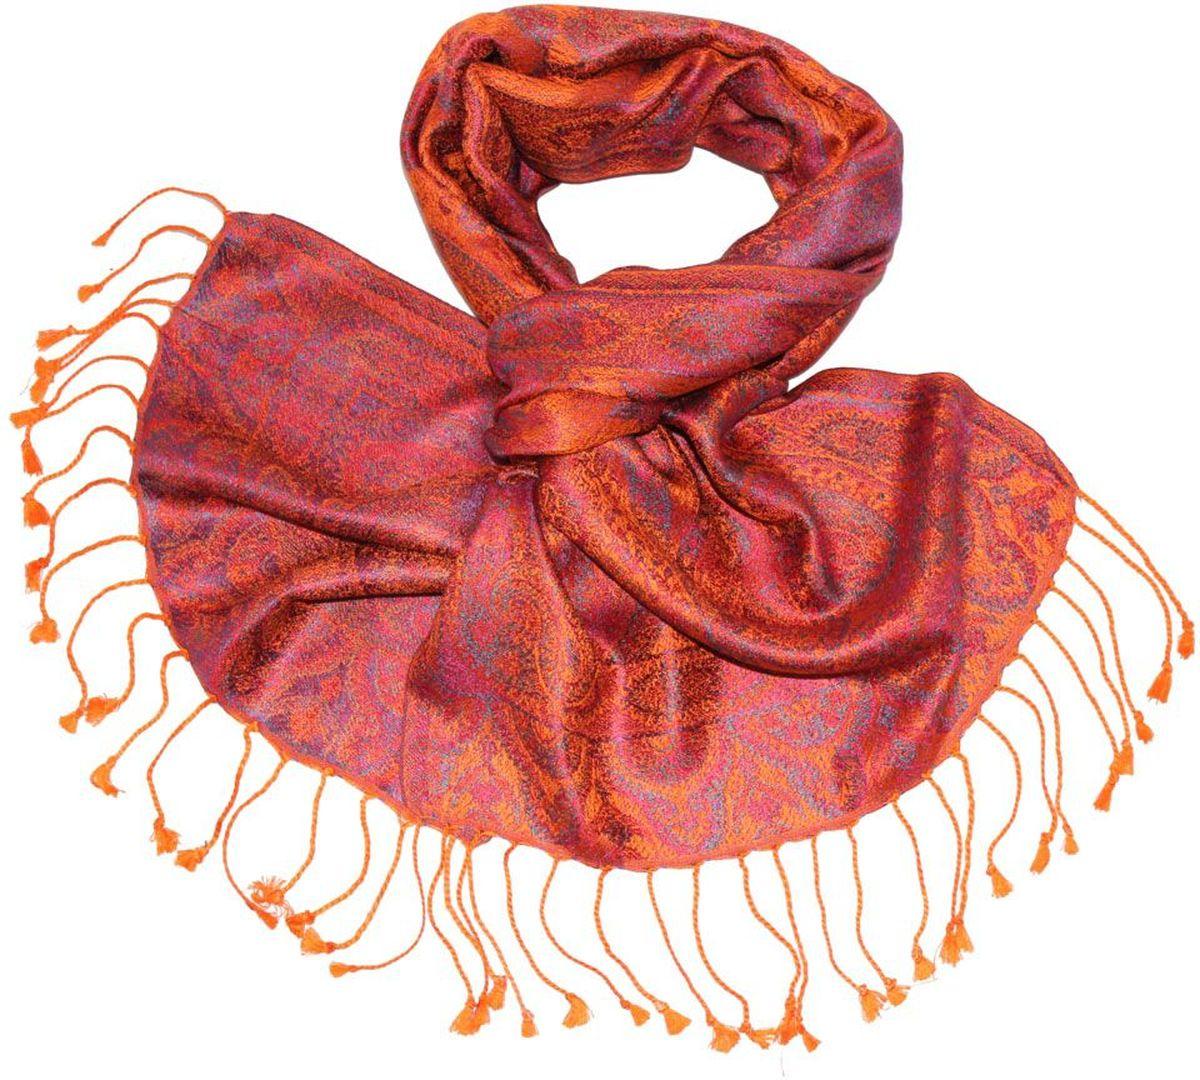 Шарф женский Ethnica, цвет: оранжевый, фиолетовый. 081370а. Размер 36 см х 165 см081370аЖенский шарф Ethnica, изготовленный из 100% шелка, подчеркнет вашу индивидуальность. Благодаря своему составу, он легкий, мягкий и приятный на ощупь. Изделие декорировано оригинальным этническим узором и дополнено кисточками.Такой аксессуар станет стильным дополнением к гардеробу современной женщины.